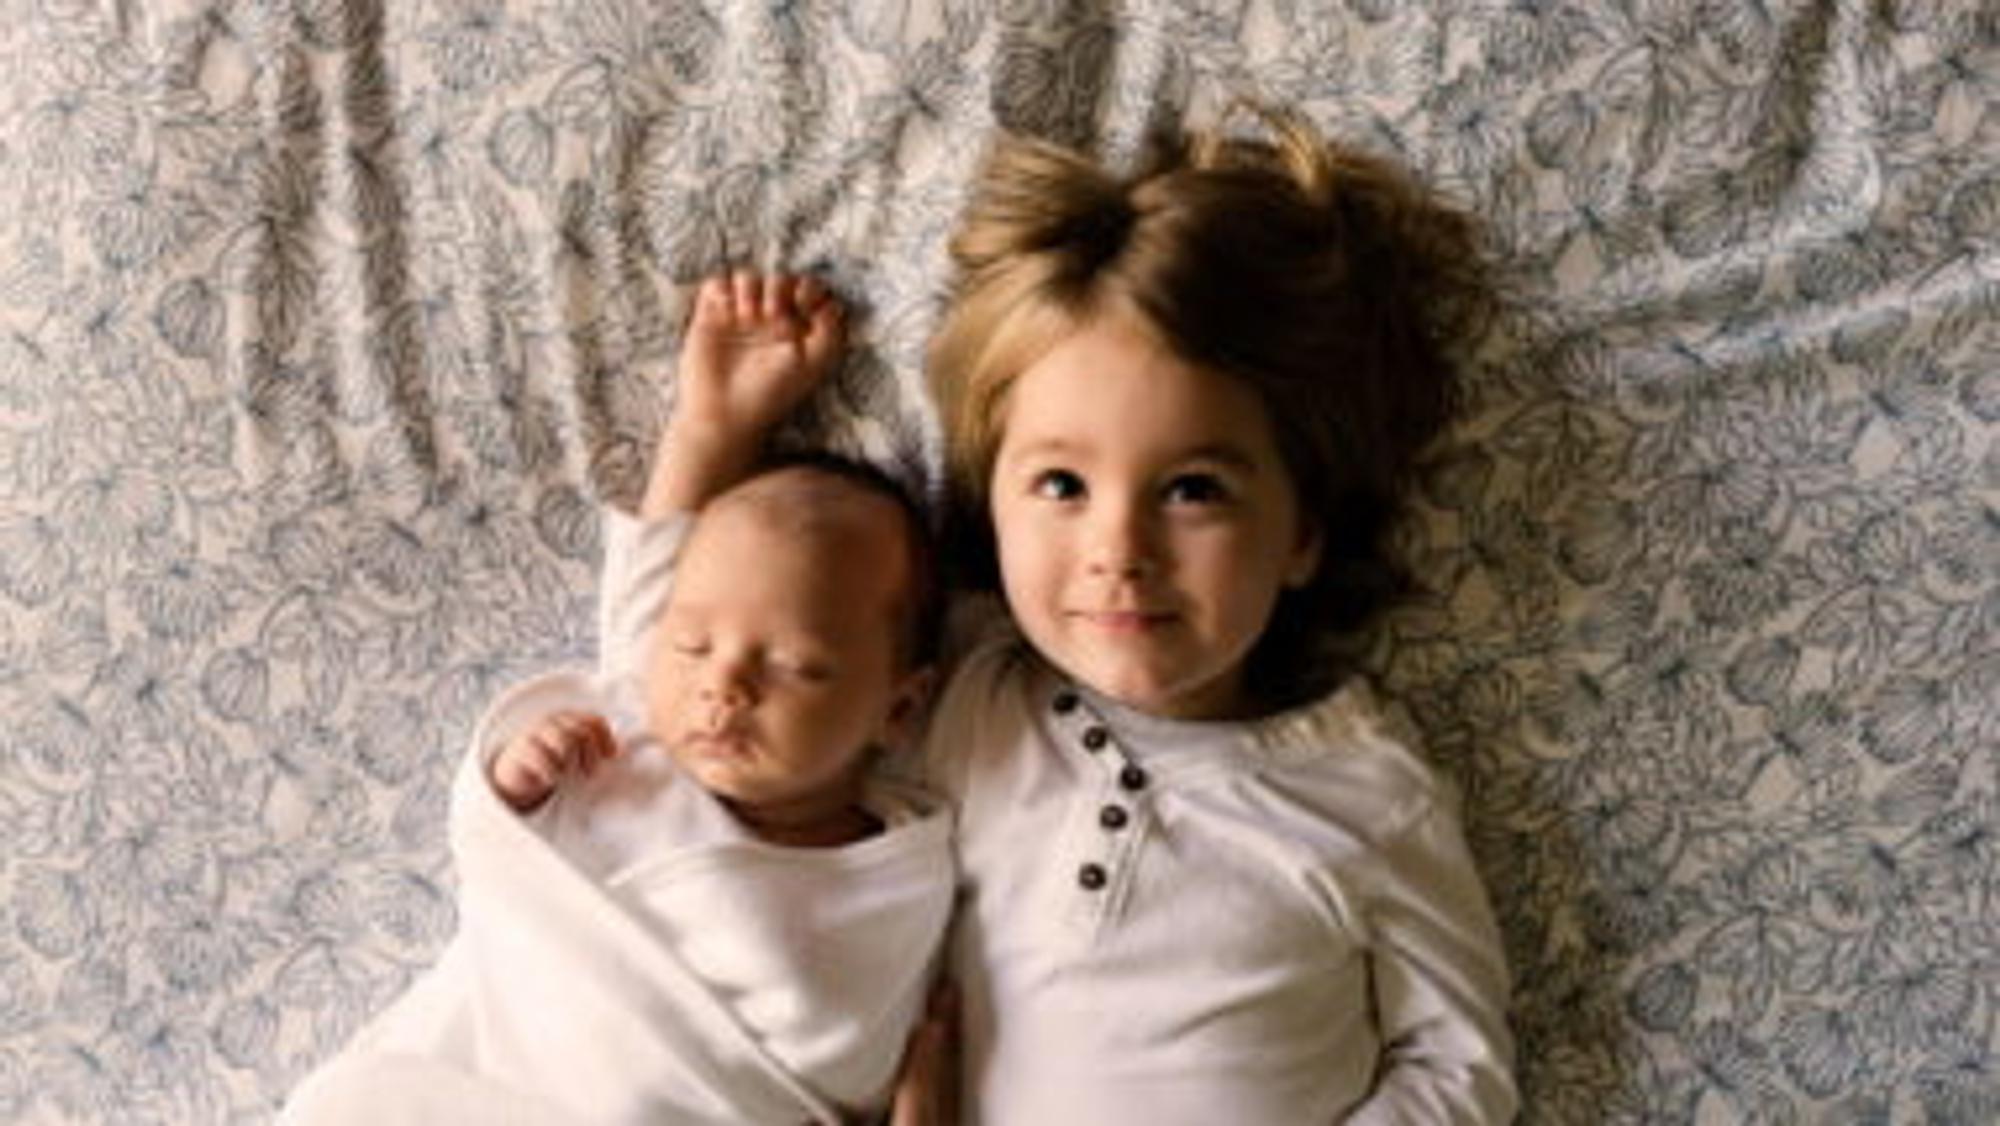 Geschwisternamen: So findest du die perfekten Namen für dein nächstes Kind